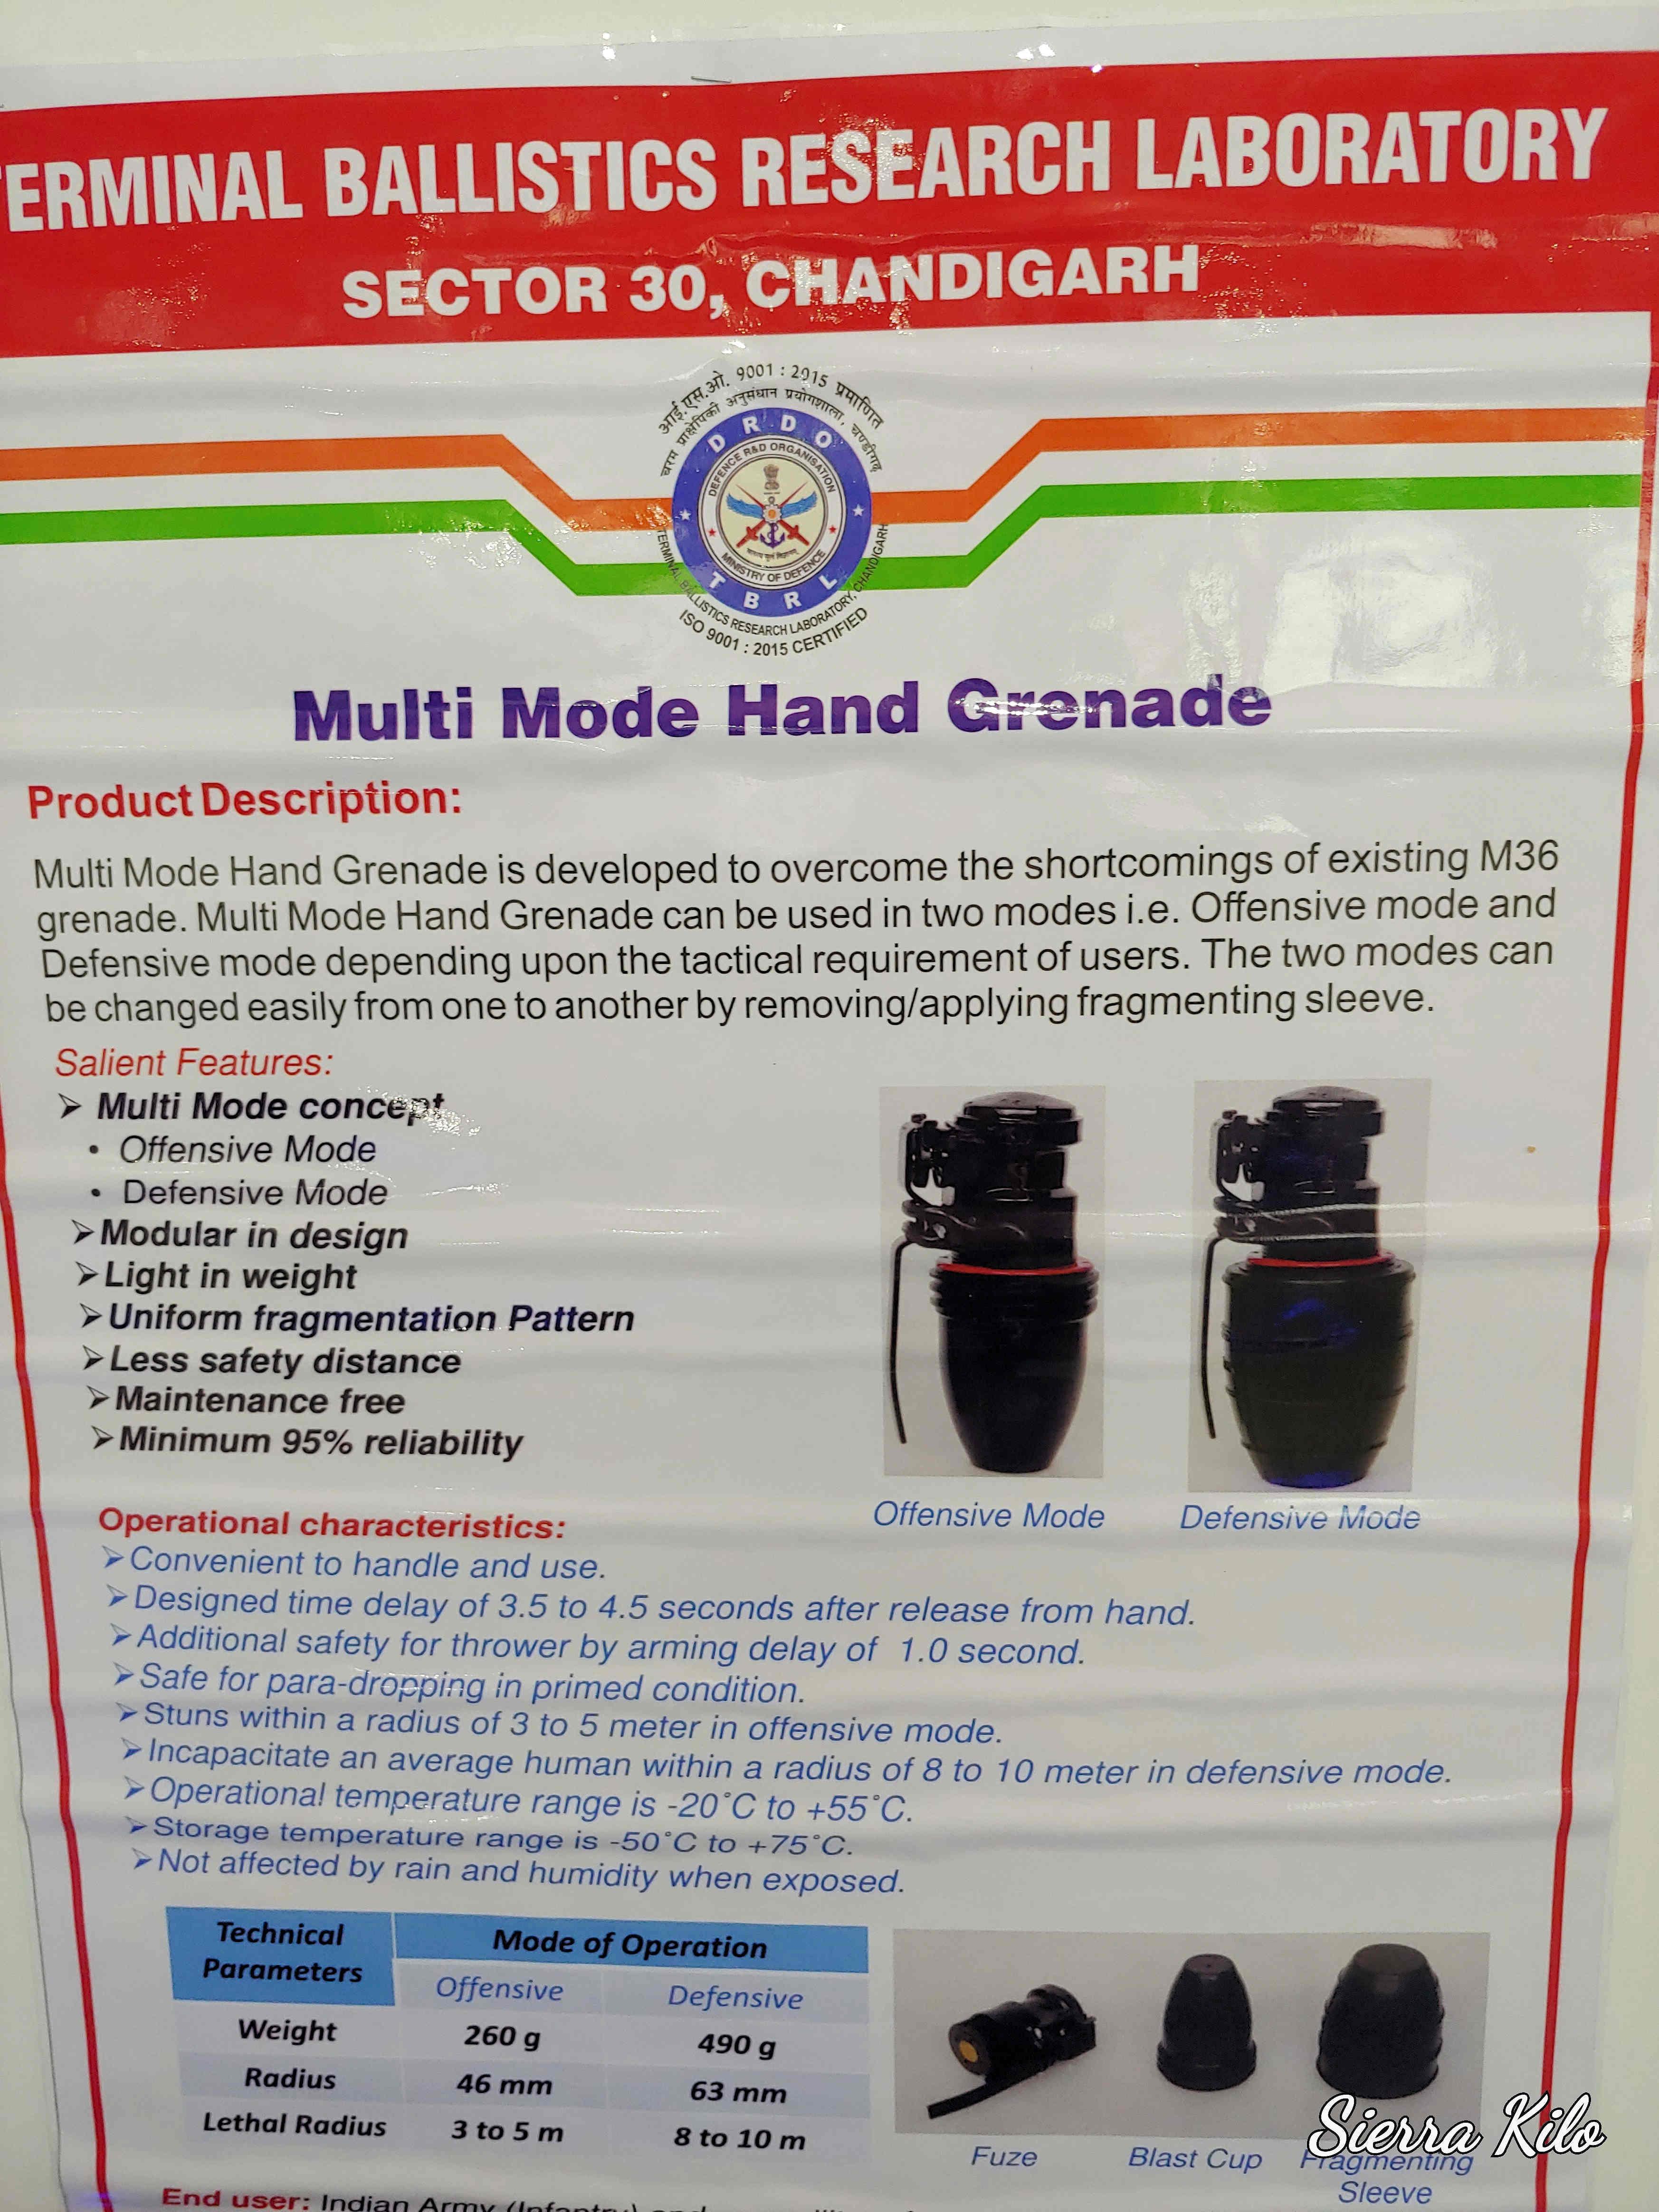 MultiMode Hand Grenade.jpg